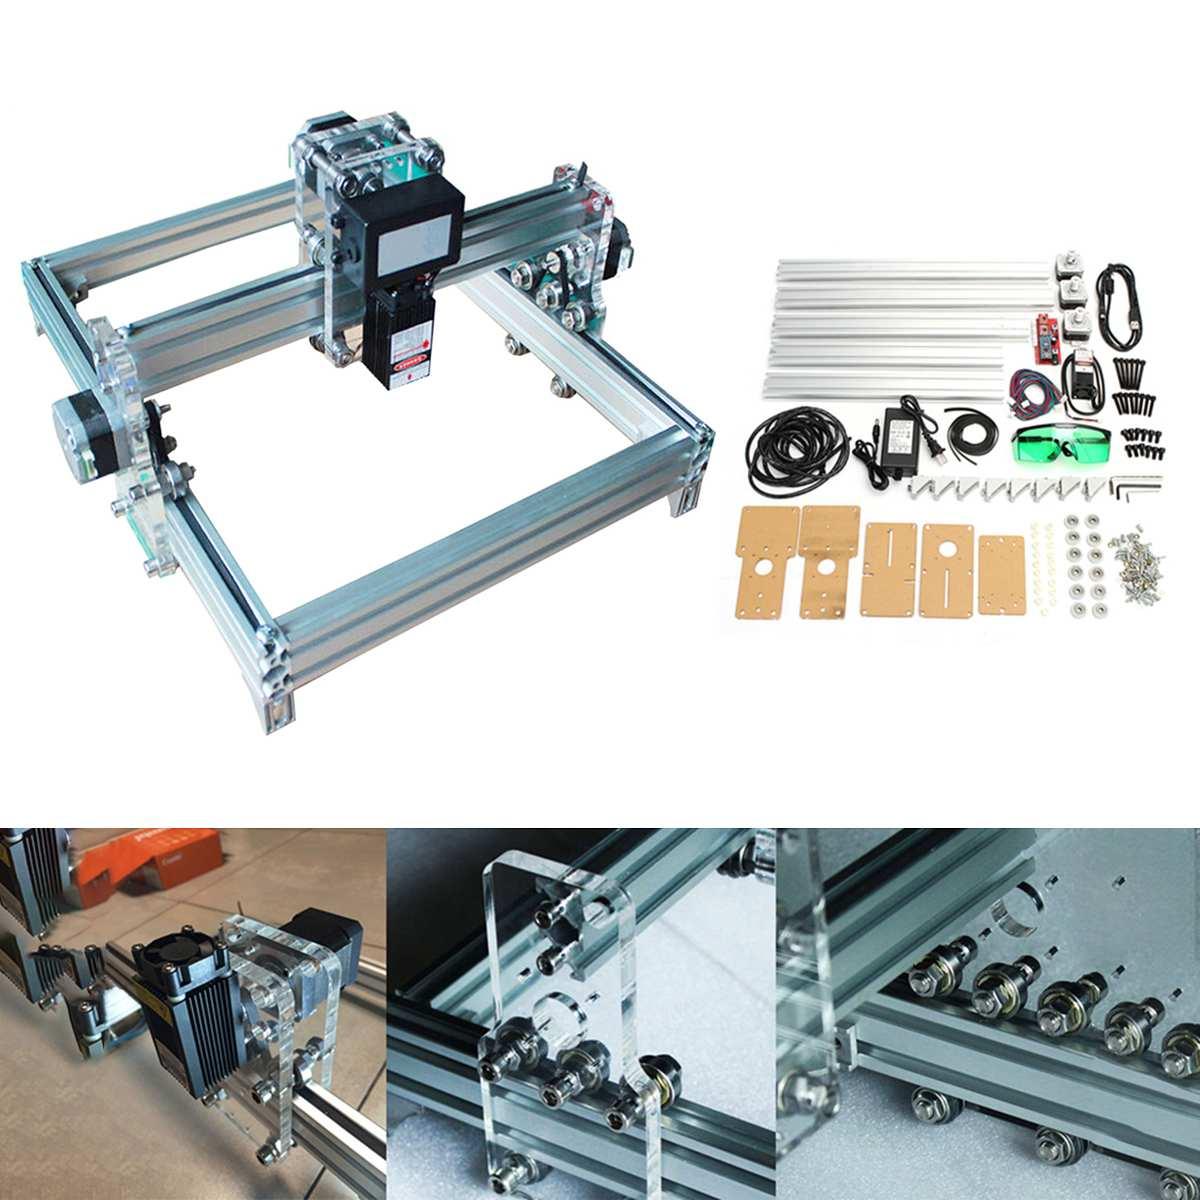 Nouveau 32x23 cm 500 mW bricolage bureau Mini CNC sculpture Laser gravure graveur Machine DC 12 V bois Cutter/imprimante Kit + lunettes Laser